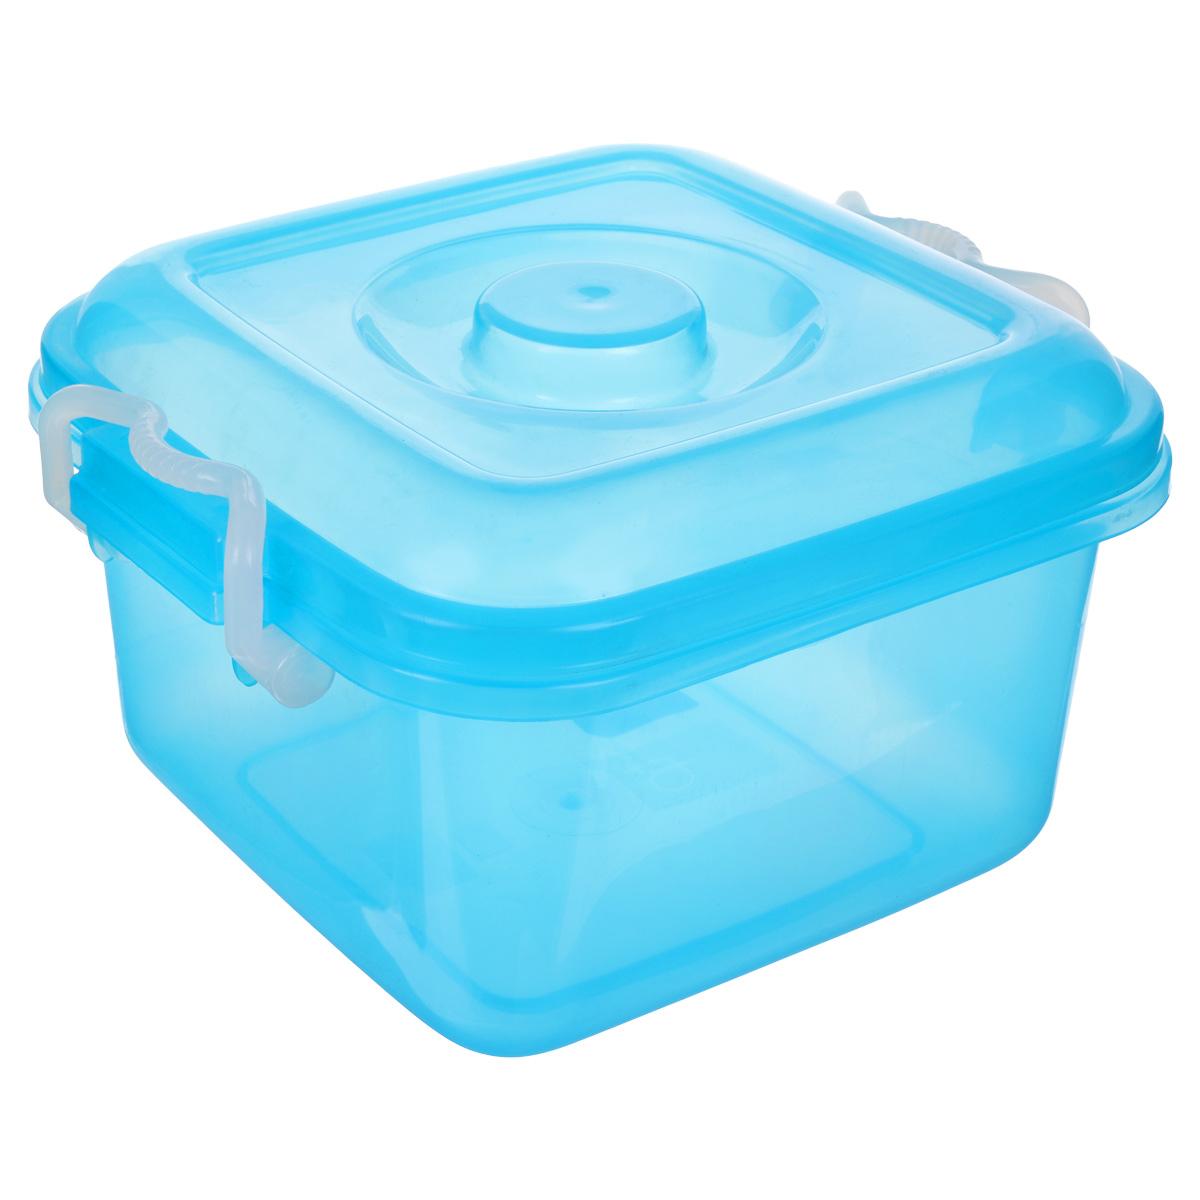 Контейнер для хранения Idea Океаник, цвет: голубой, 6 лМ 2855Контейнер Idea Океаник выполнен из полупрозрачного цветного пластика, предназначен для хранения различных вещей и мелких аксессуаров. Контейнер снабжен плотно закрывающейся крышкой со специальными боковыми фиксаторами. Объем контейнера: 6 л.